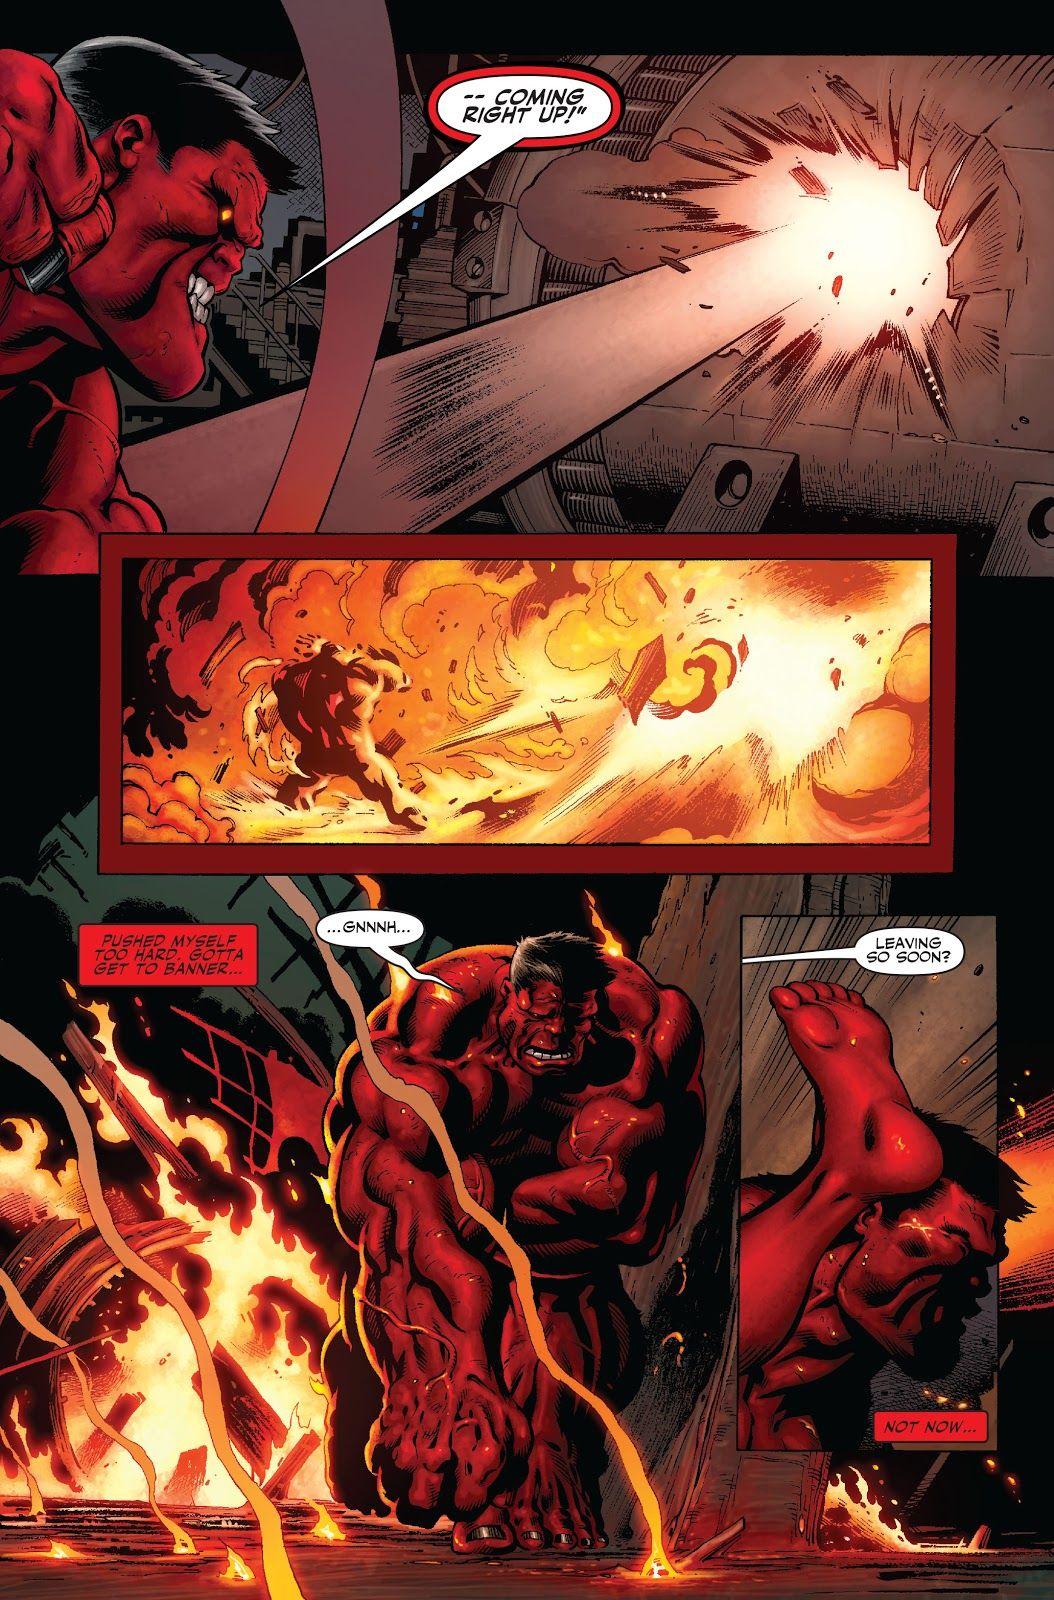 Olhando para trás: A identidade do Hulk Vermelho é finalmente revelada 3